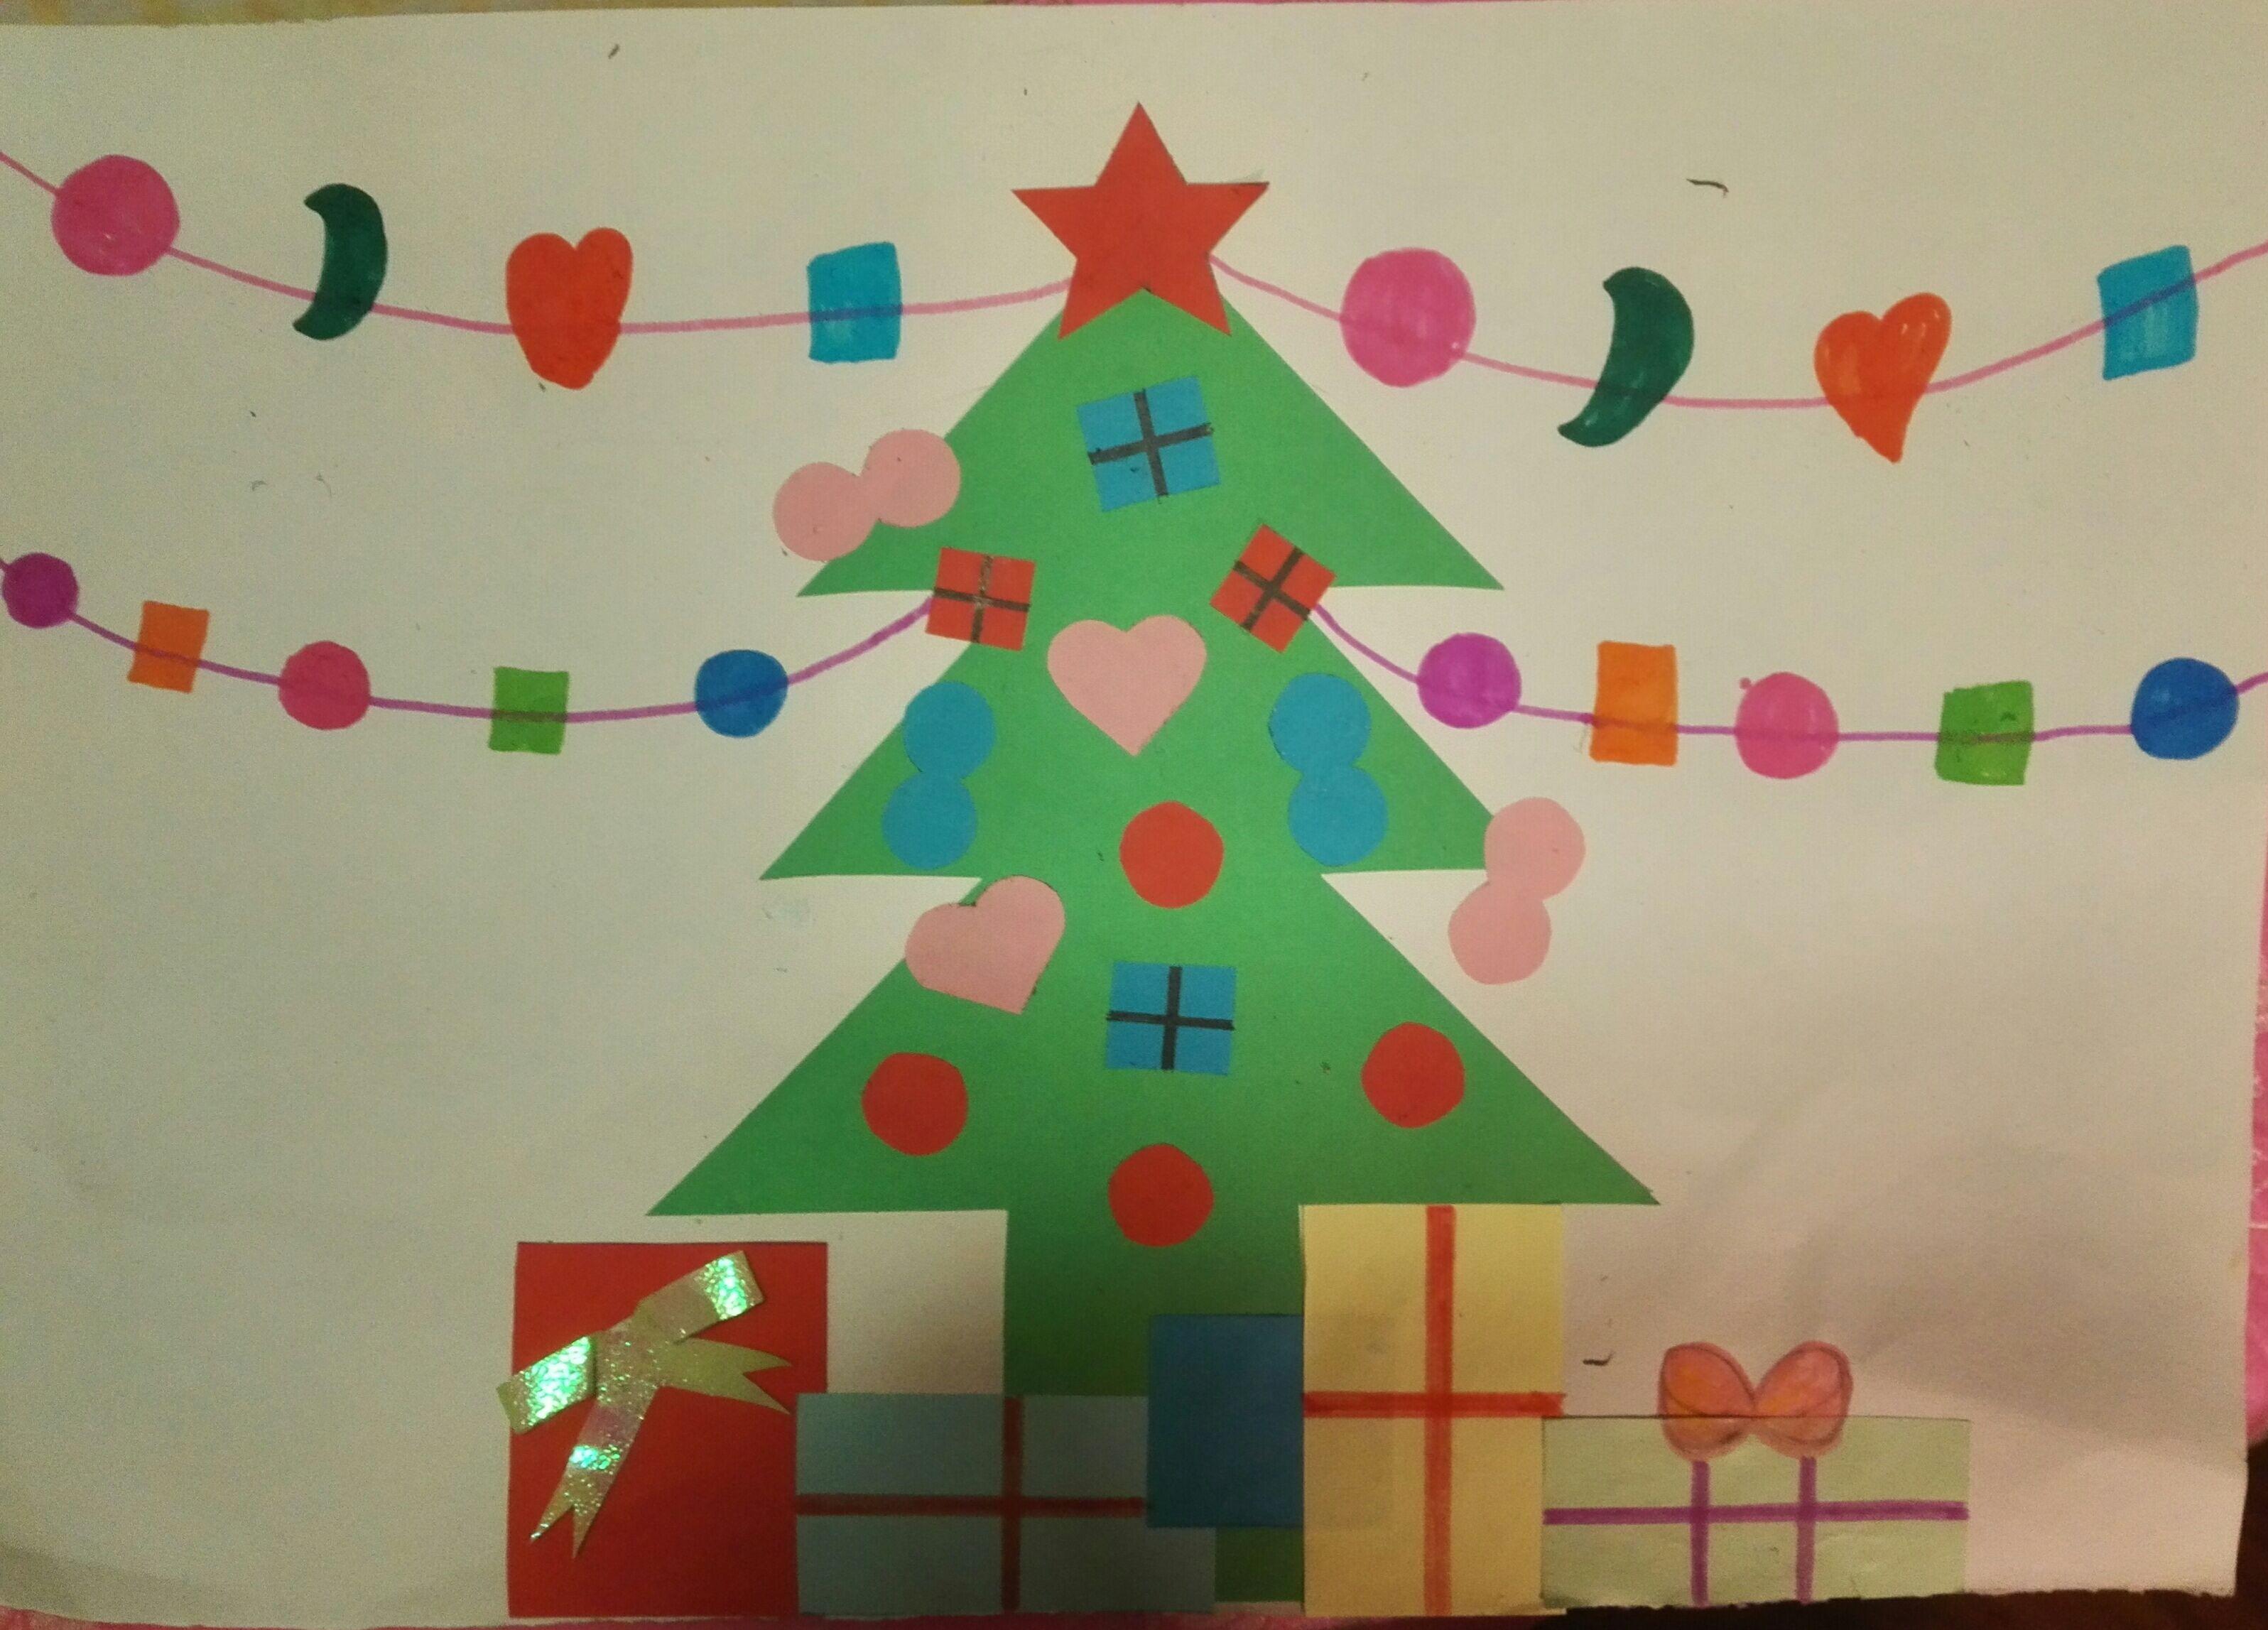 轴对称图形——圣诞树